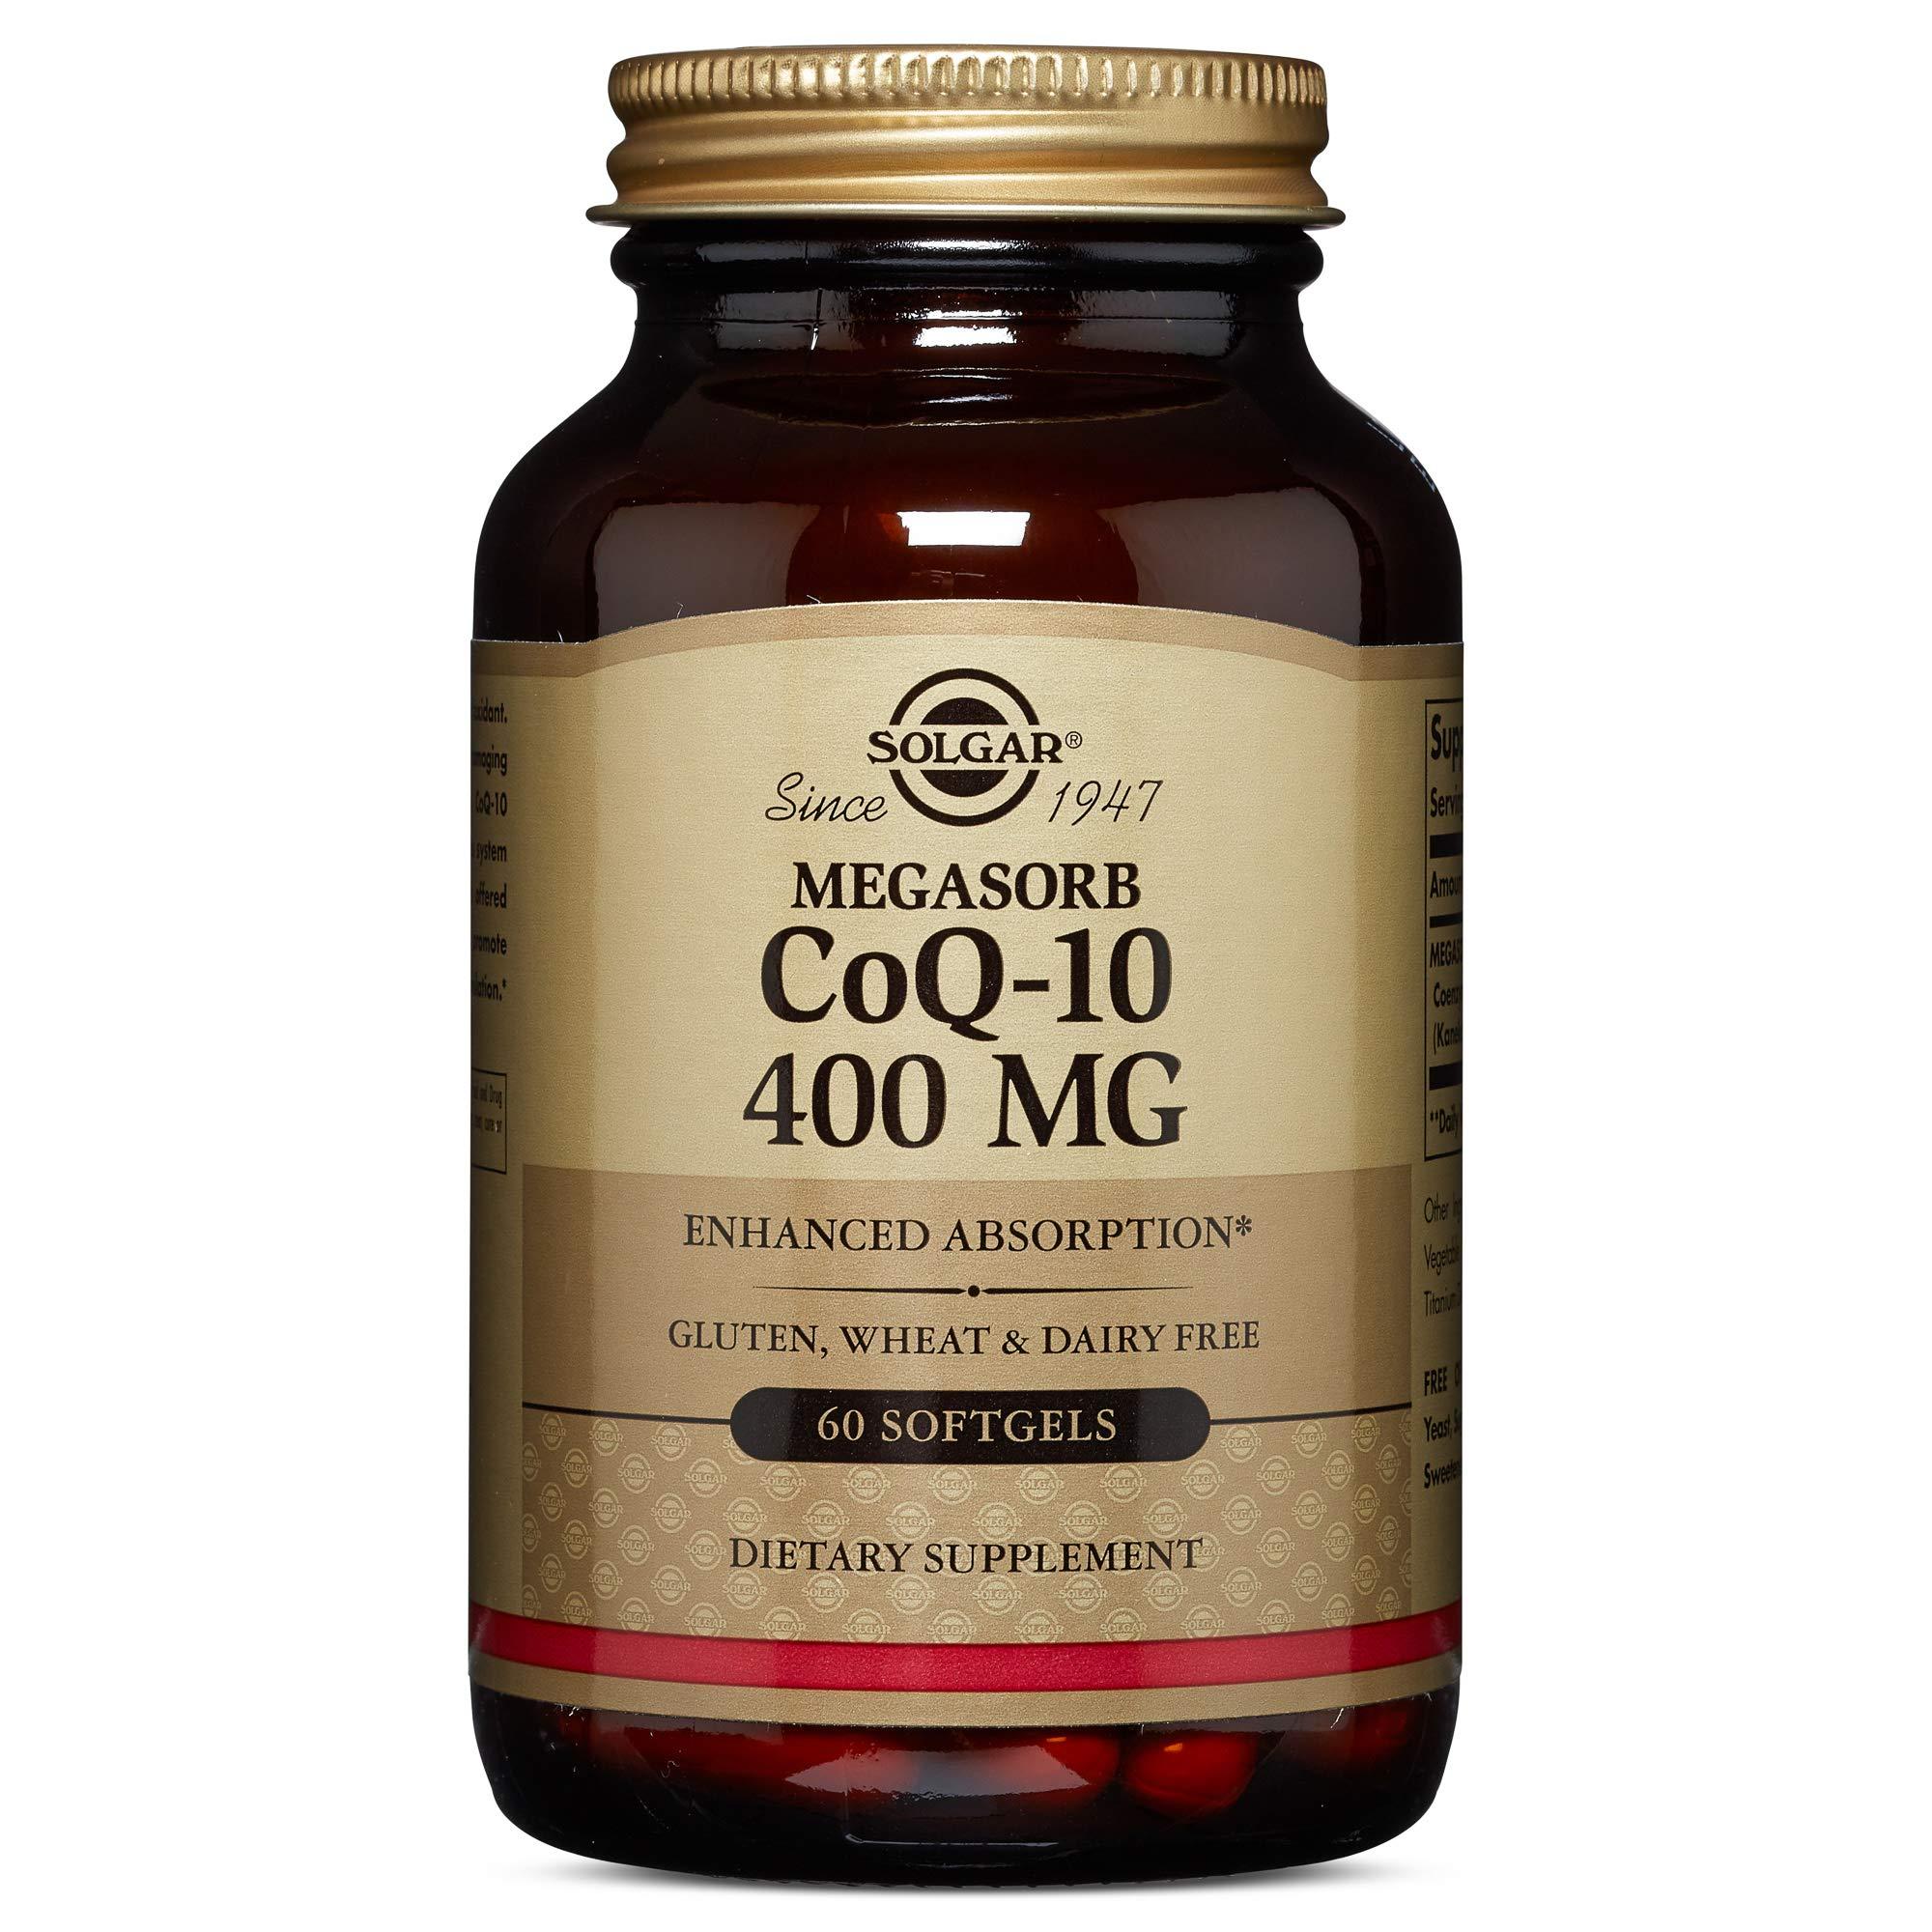 Solgar - Megasorb CoQ-10, 400 mg, 60 Softgels